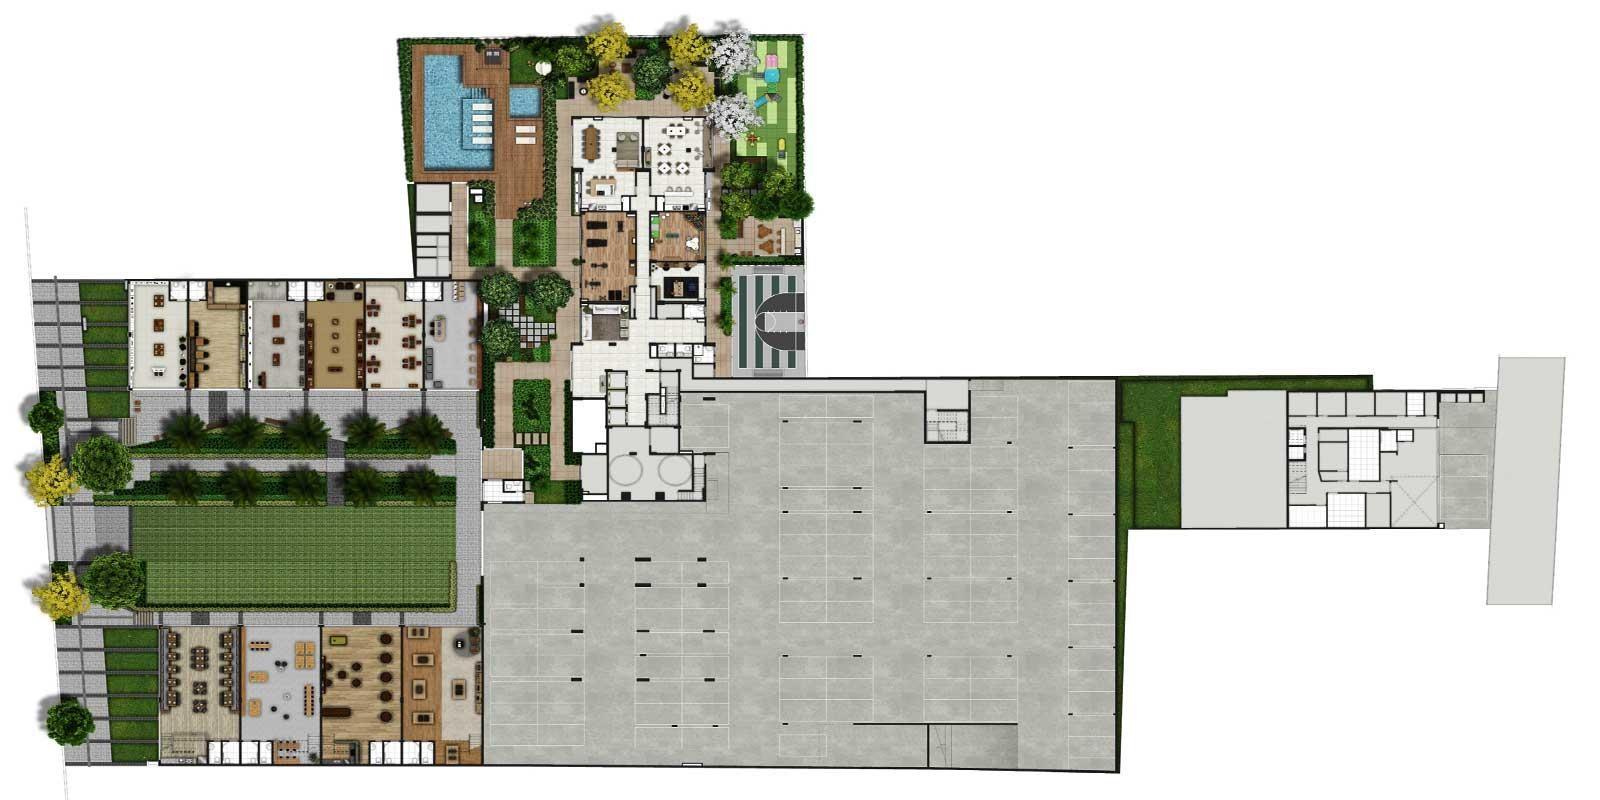 TPS Imóveis - Veja Foto 32 de 32 do Apartamentos de 2 e 3 dormitórios com suíte